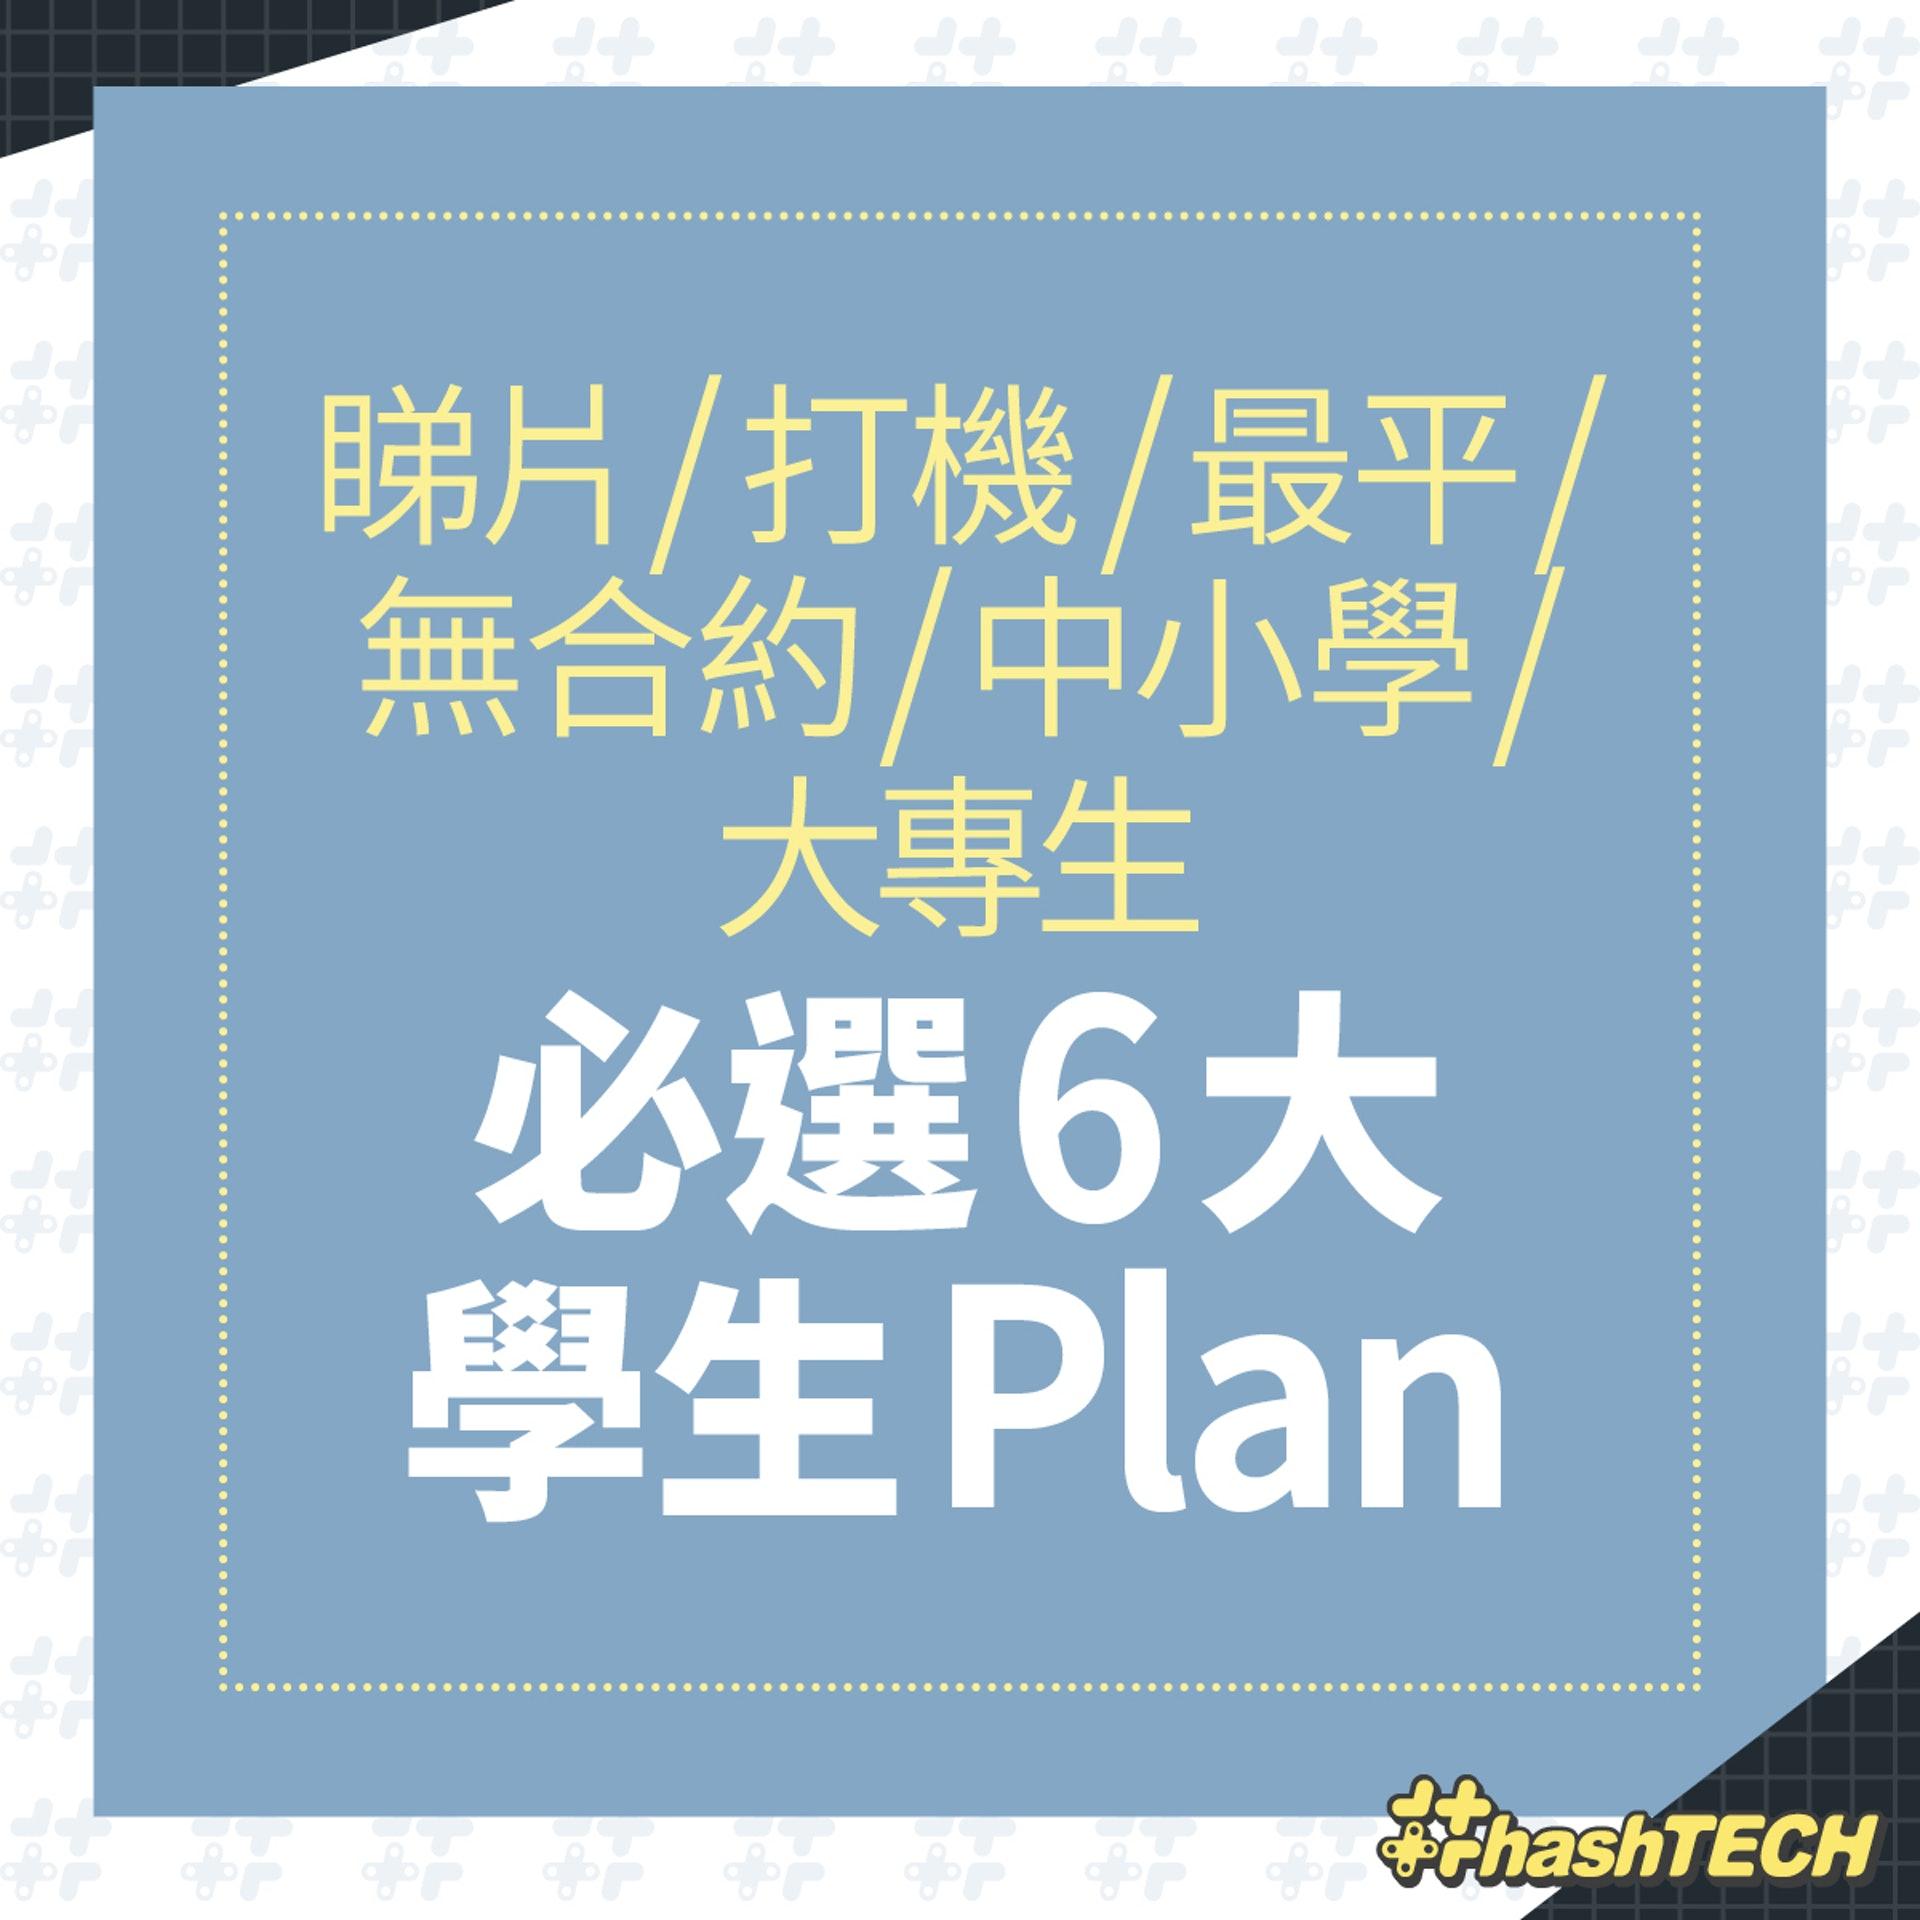 【6大學生Plan推介】(《香港01》美術部製圖)